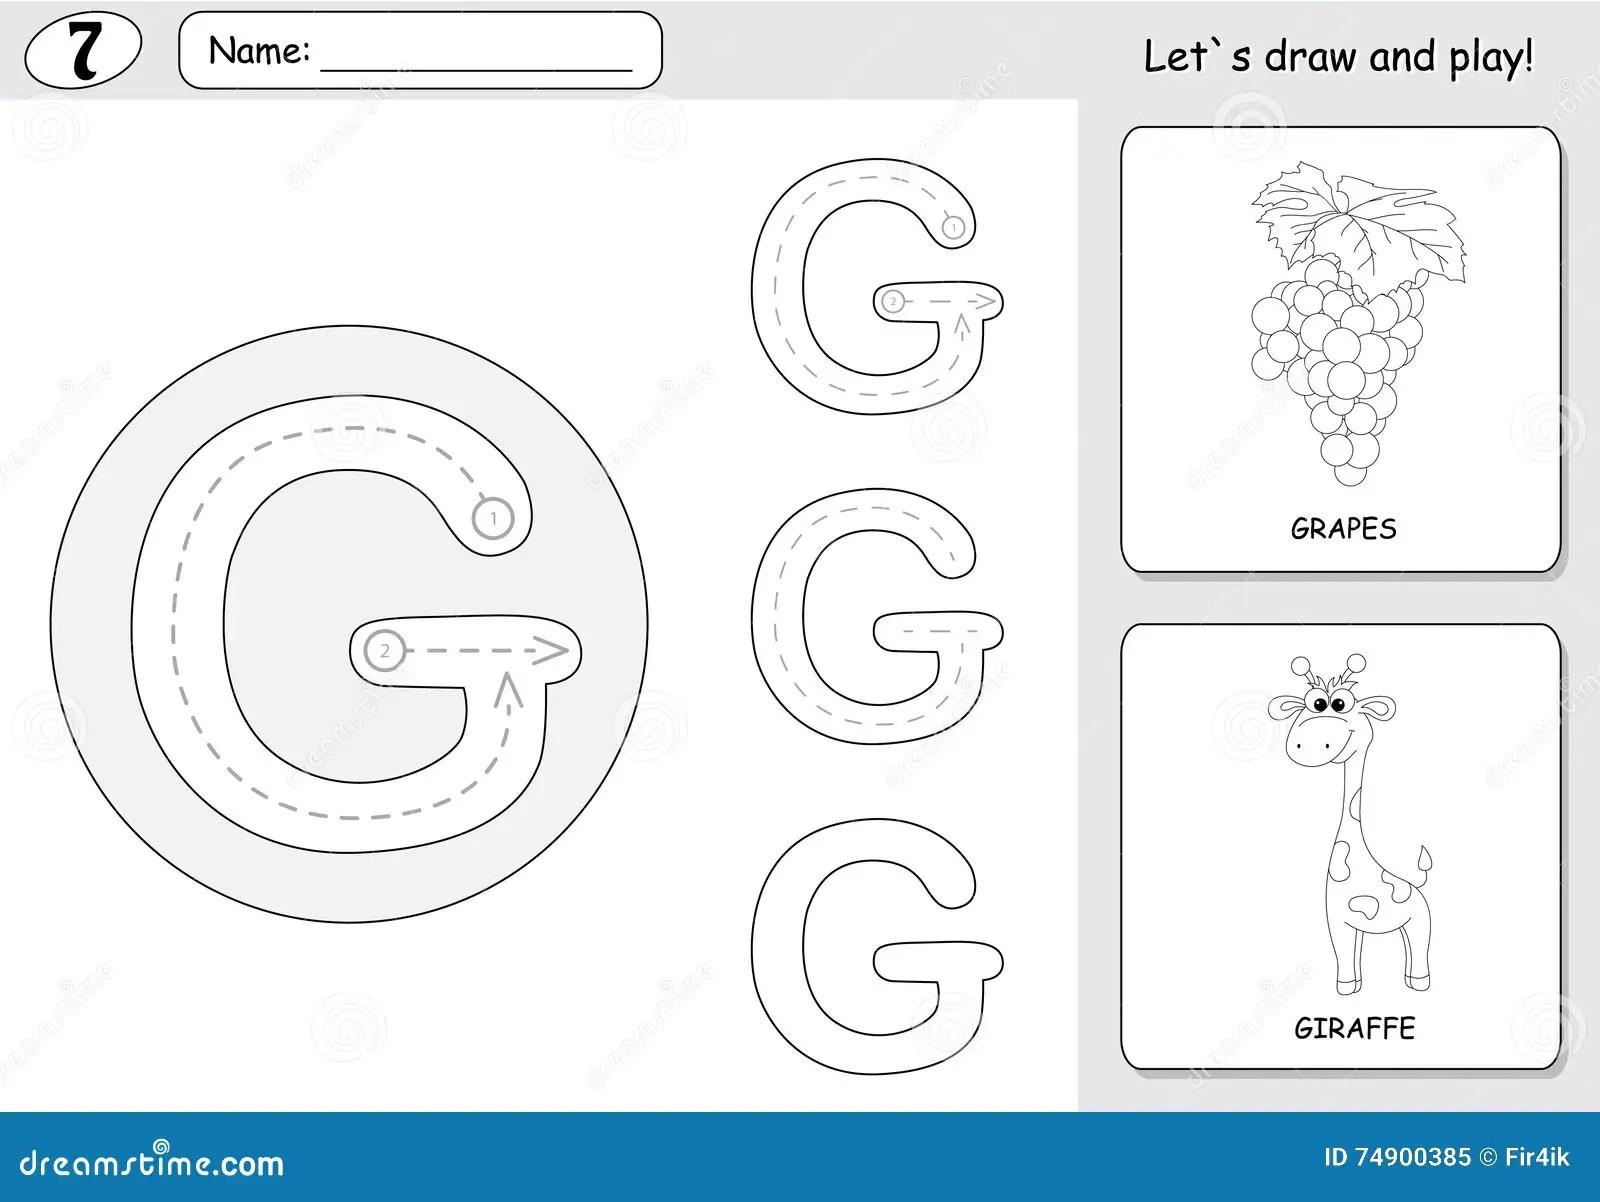 Giraffe Coloring Worksheet